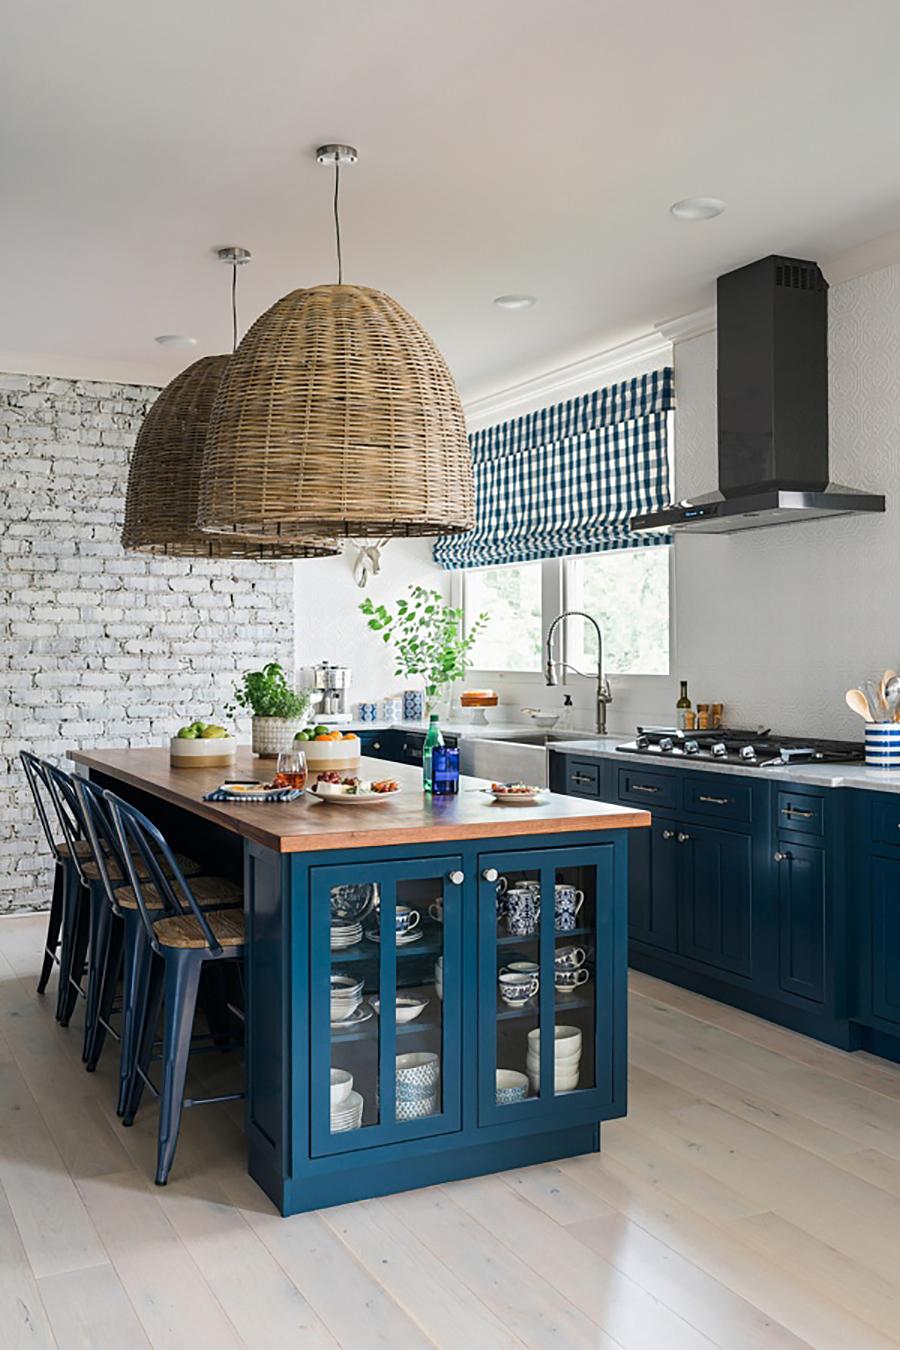 En la fotografía se ve un ejemplo de isla de cocina con espacio de almacenaje, para guardar menaje o ingredientes para cocinar.